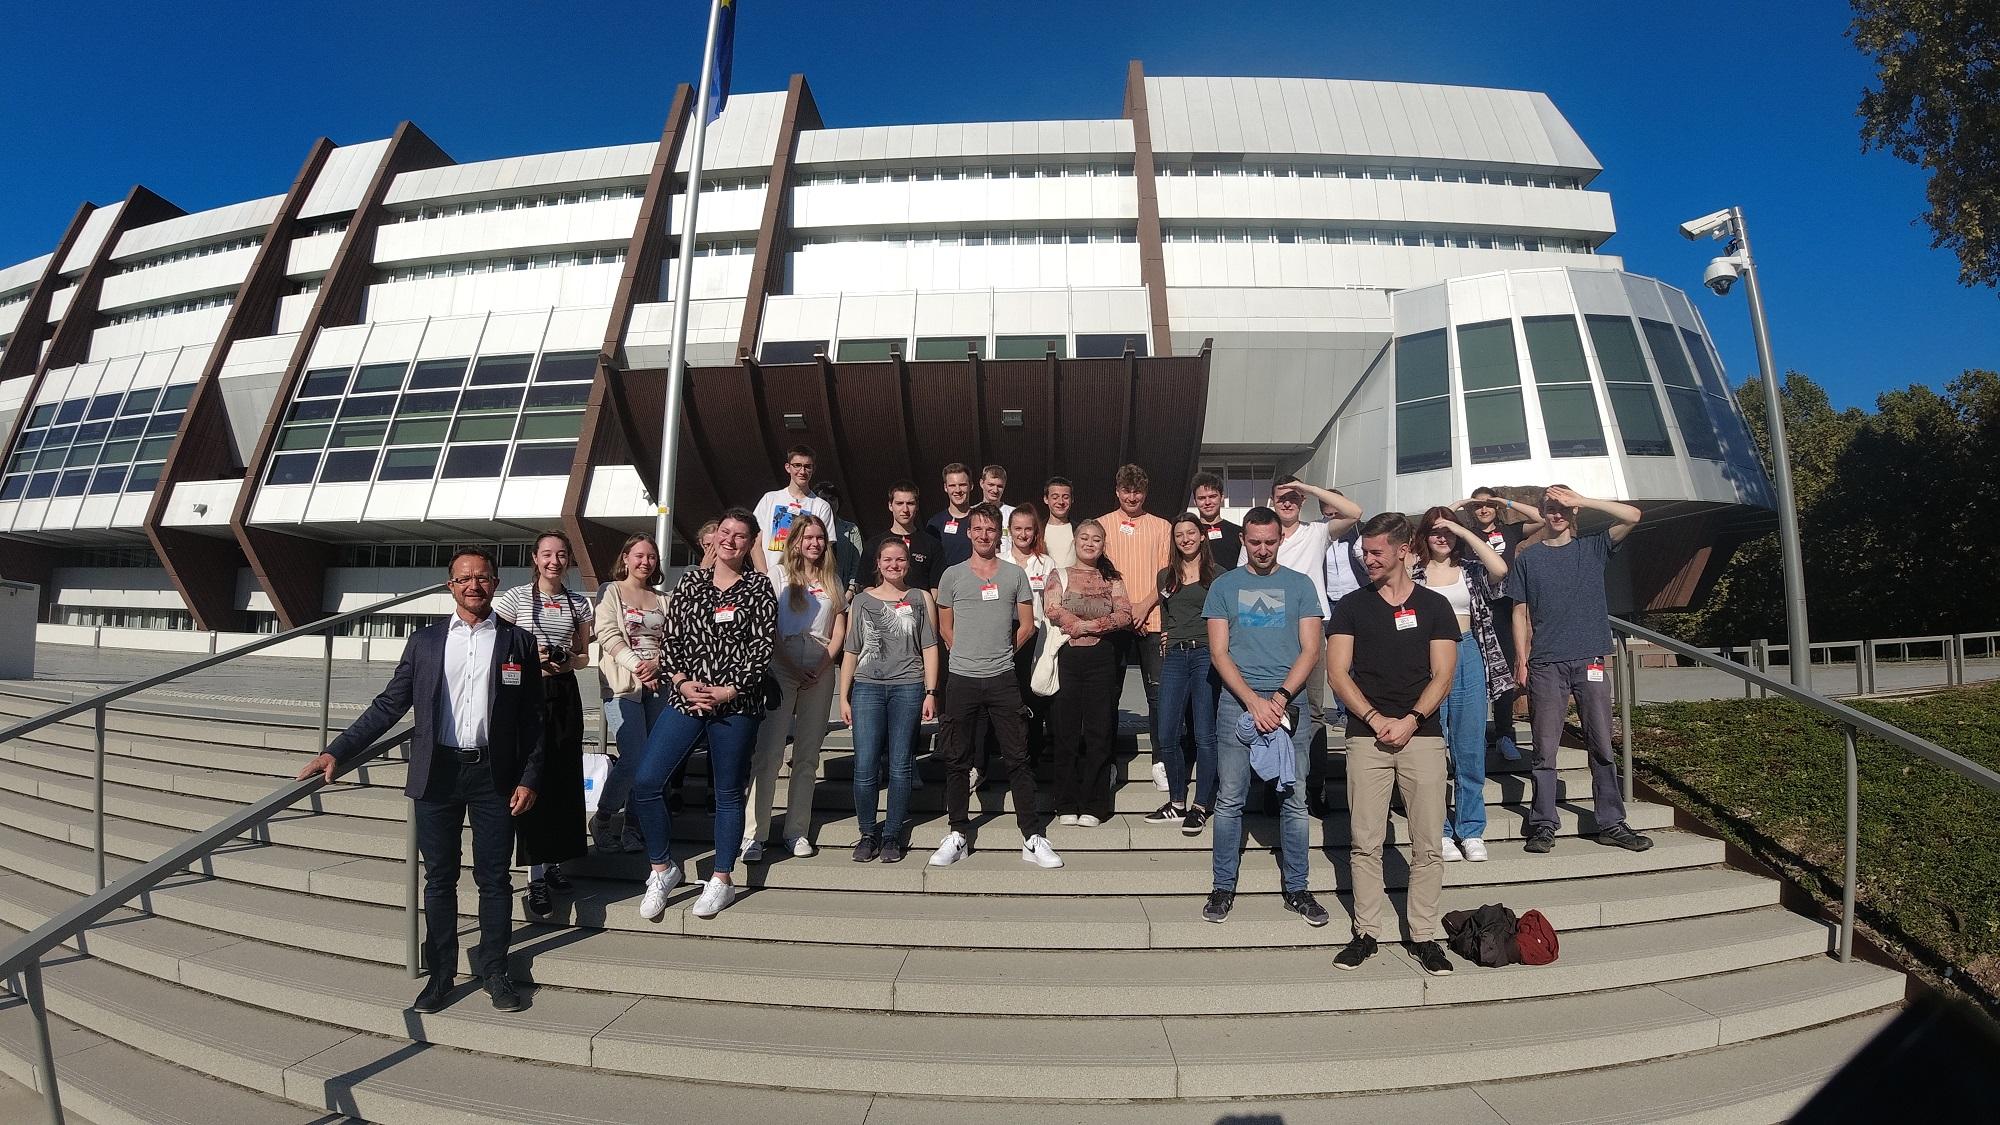 Unsere Abiturienten vor dem Europarat in Straßburg am 23.09.2021